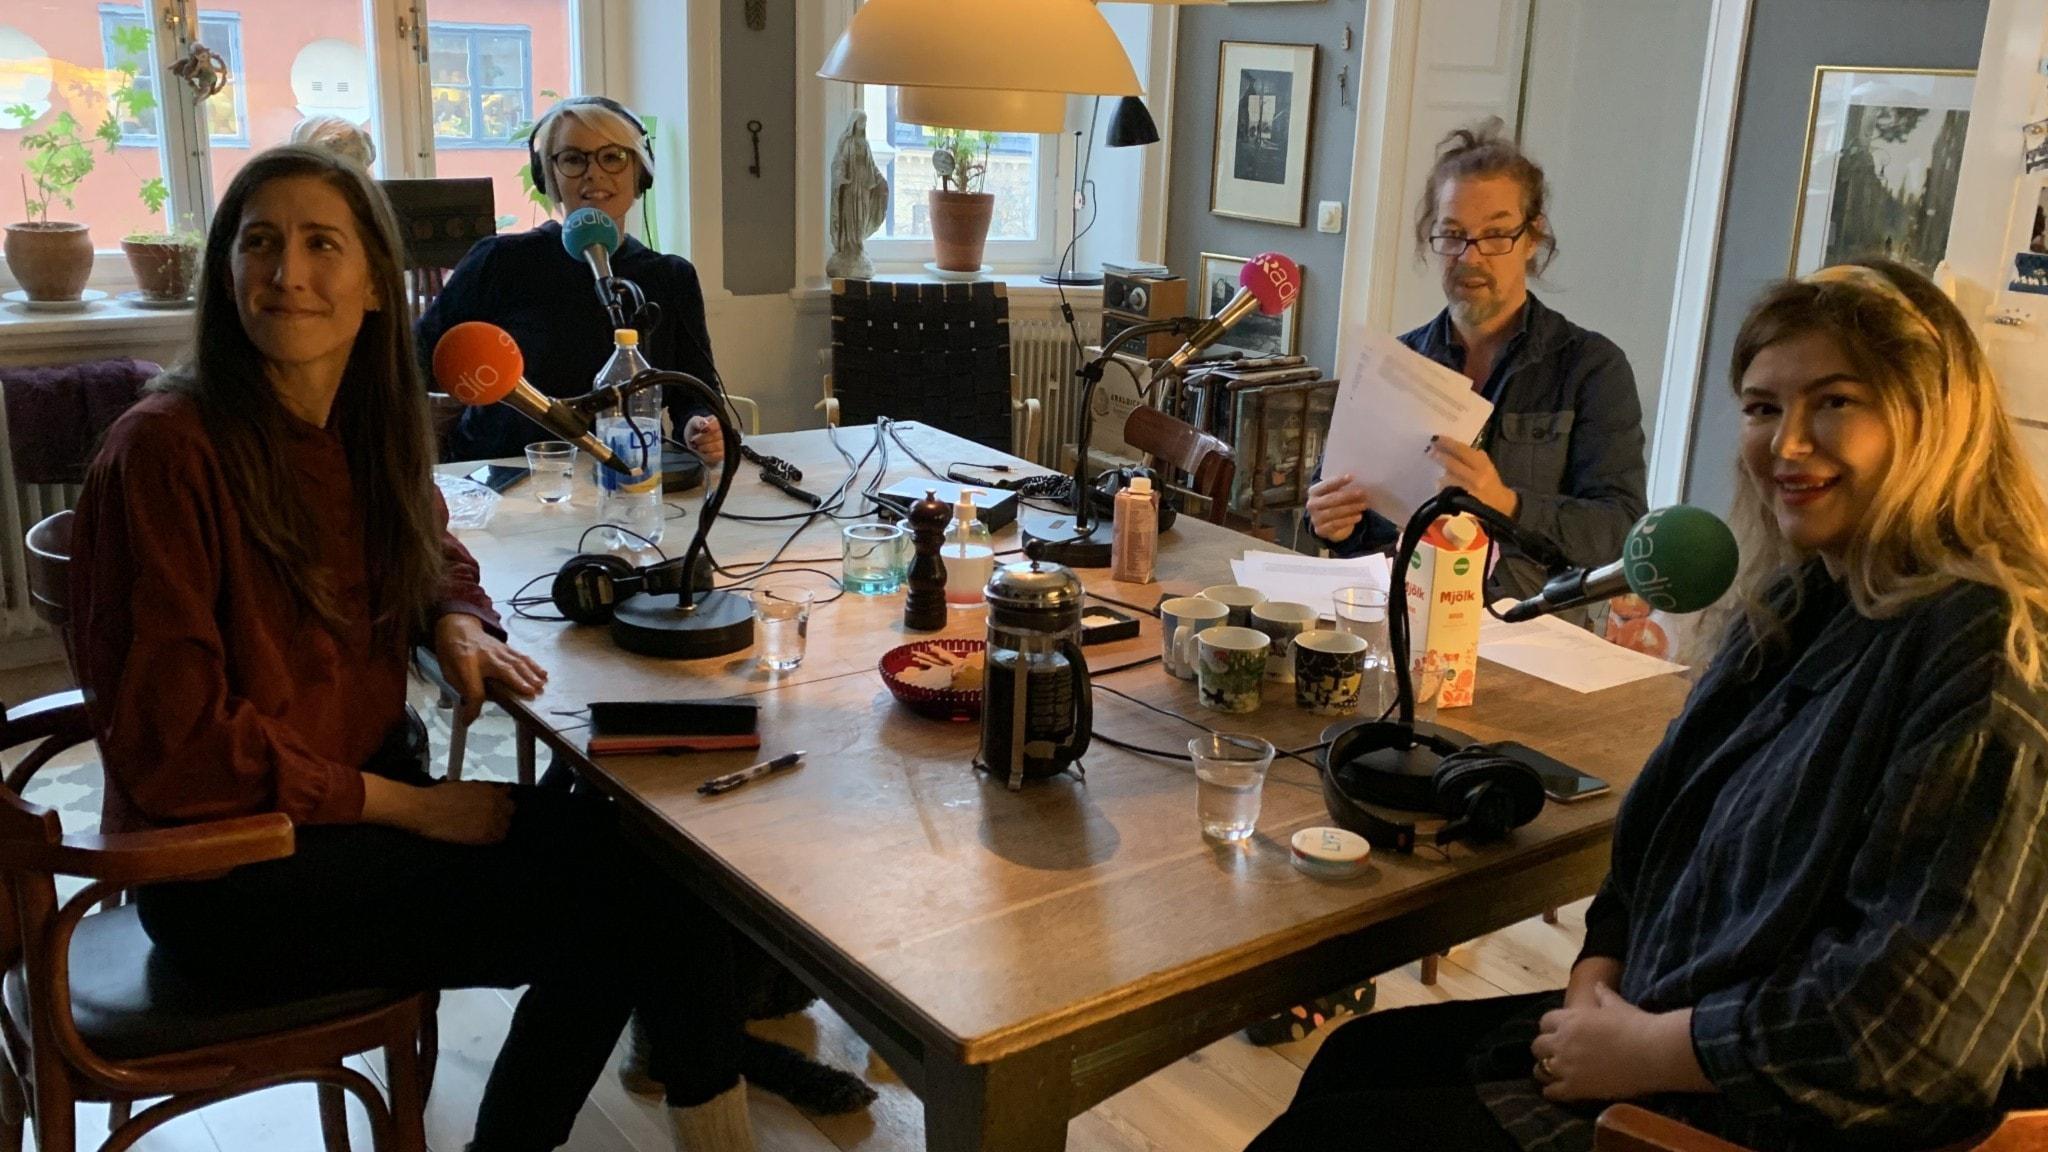 Agnes Hellström Svenska Freds Mia Törnblom ledarskapsutbildning, Bob Hansson programledare Sol Höglund fri debattör, ej med på bilden är Klara Zimmergren